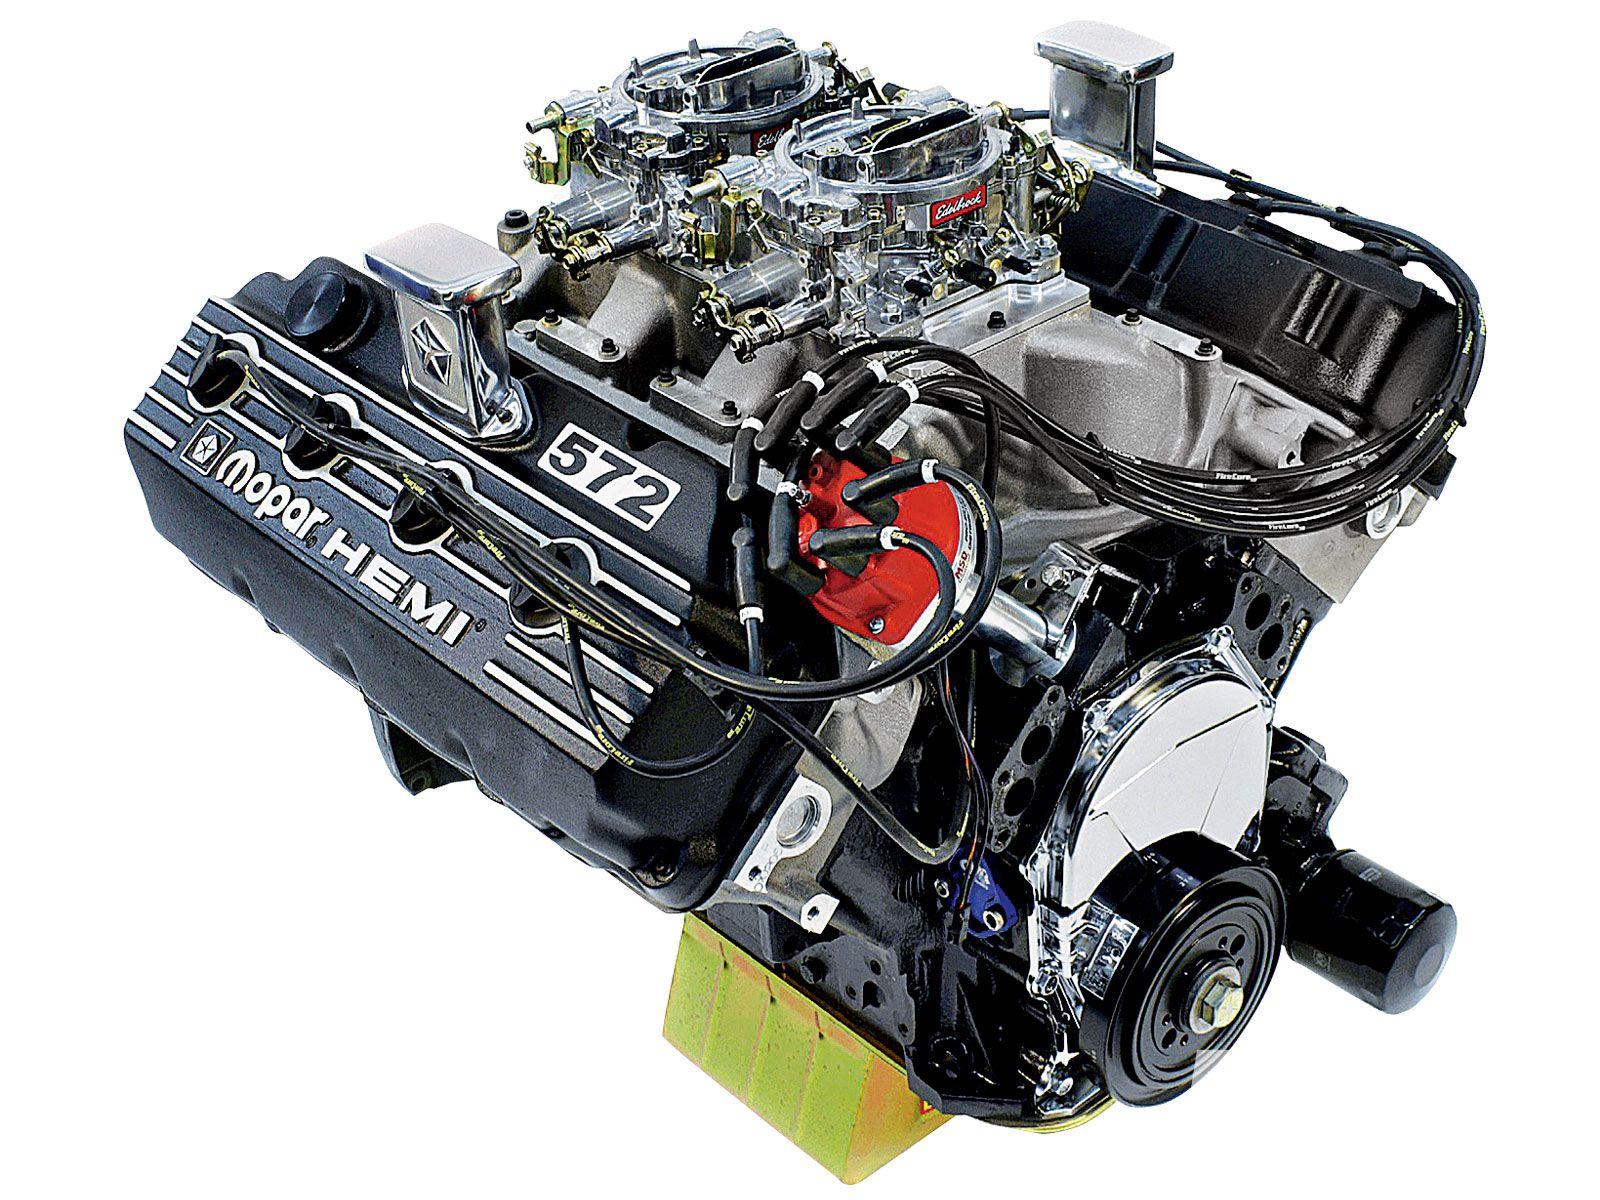 572 Cubic Inch Mopar Big Block Hemi V8 Engine Http Www